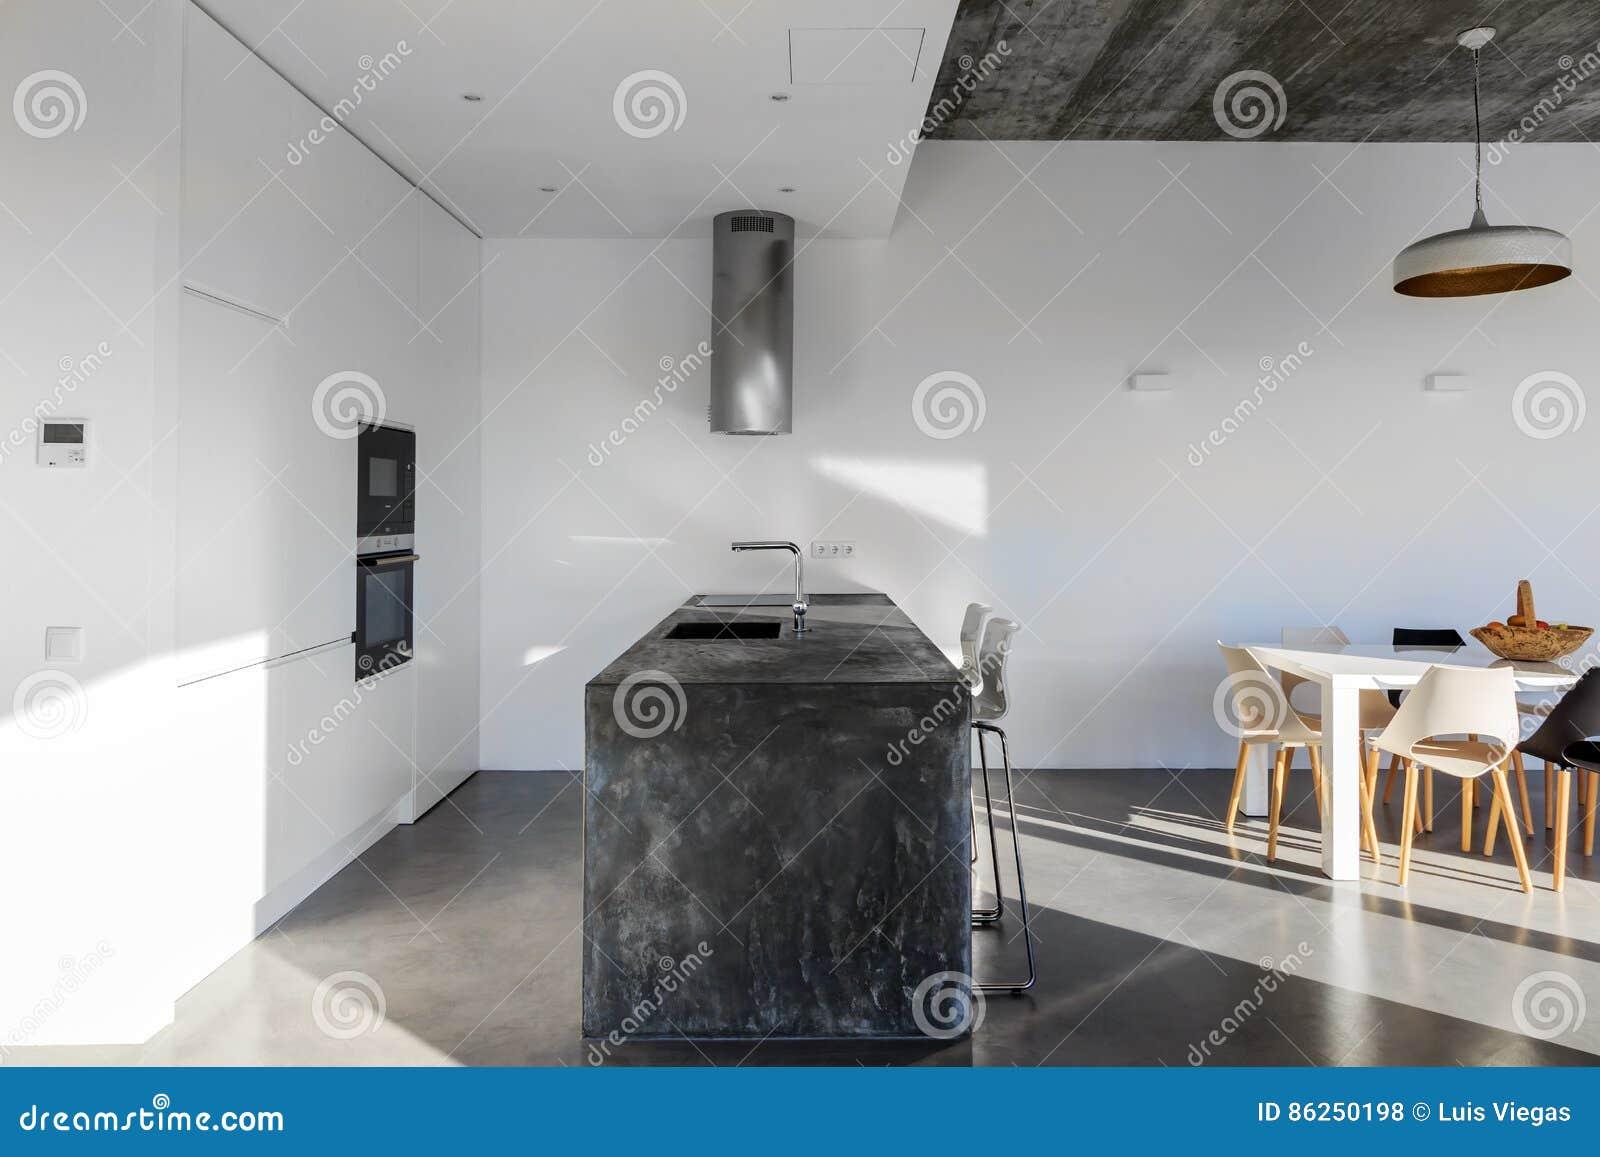 Moderne Keuken Grijs : Moderne keuken met grijze tegelvloer en witte muur stock foto